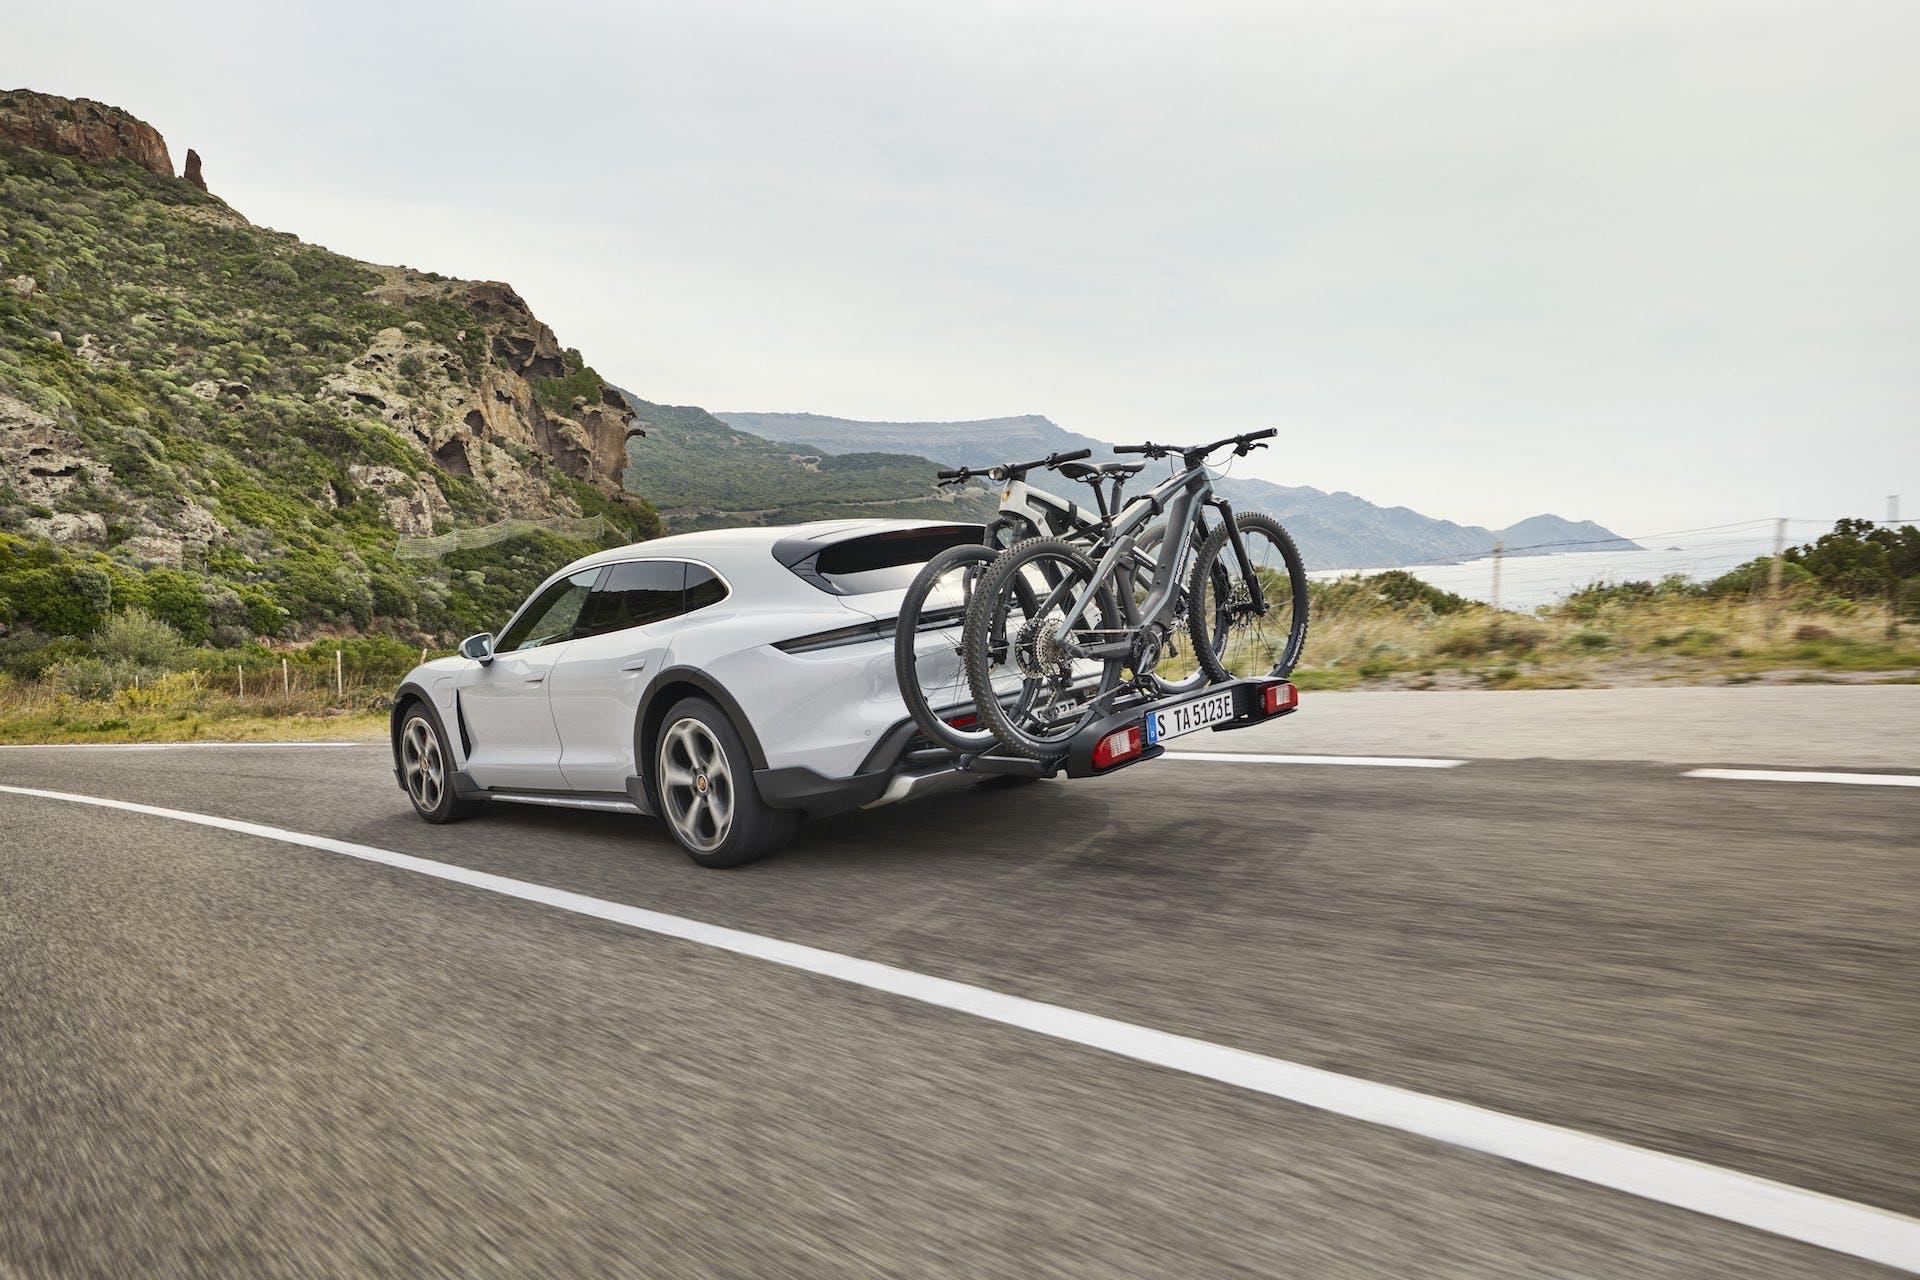 Porsche Taycan 4S Cross Turismo in movimento su strada asfaltata con un focus sul portellone posteriore su cui sono agganciate due biciclette elettriche Porsche.